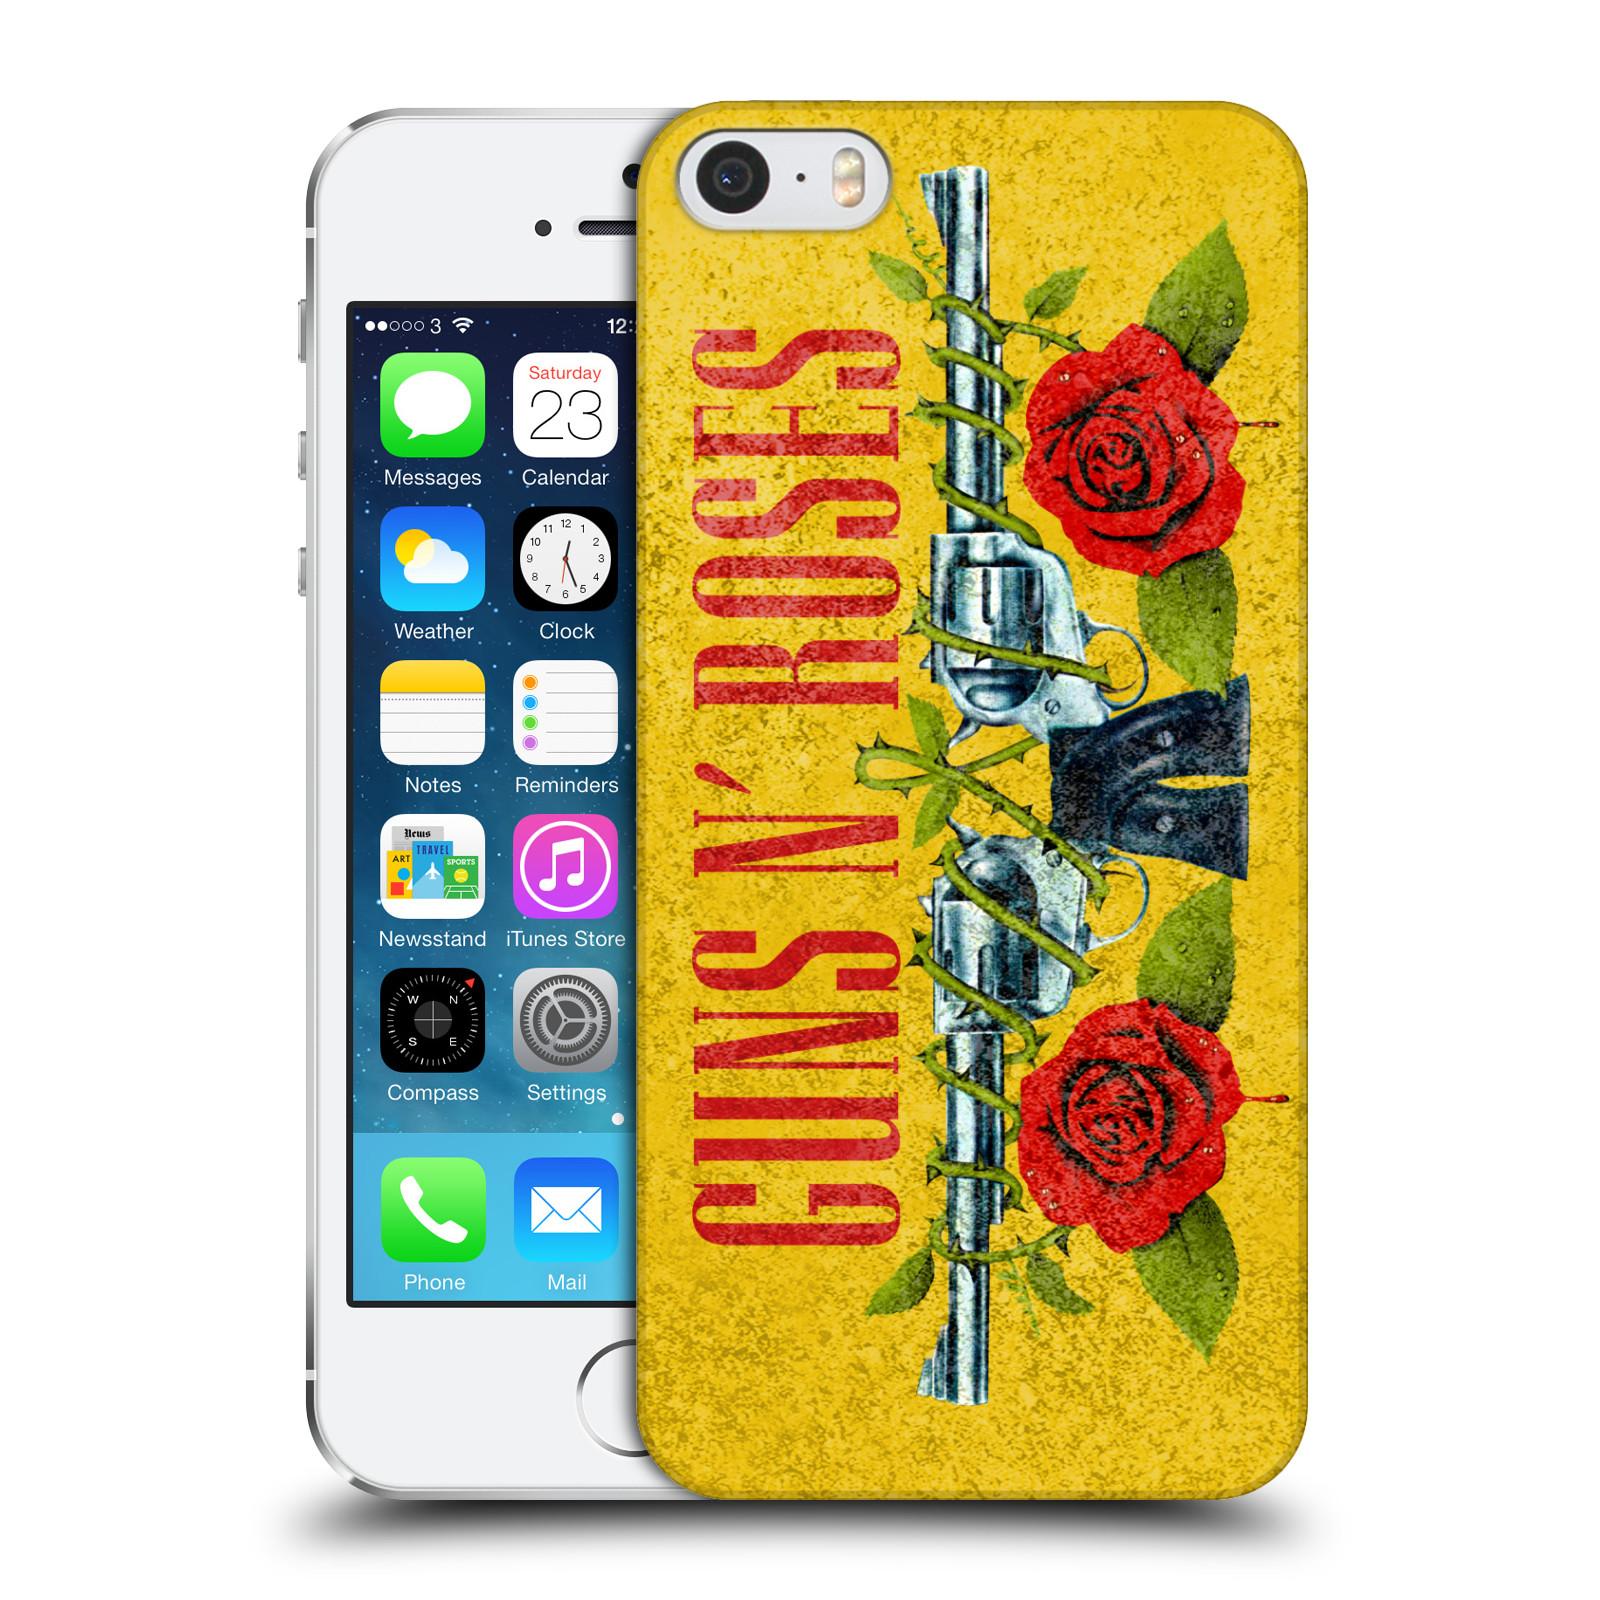 275cf4979 Plastové pouzdro pro mobil Apple Iphone 5 / 5S / SE hudební skupina Guns N  Roses pistole a růže žluté pozadí